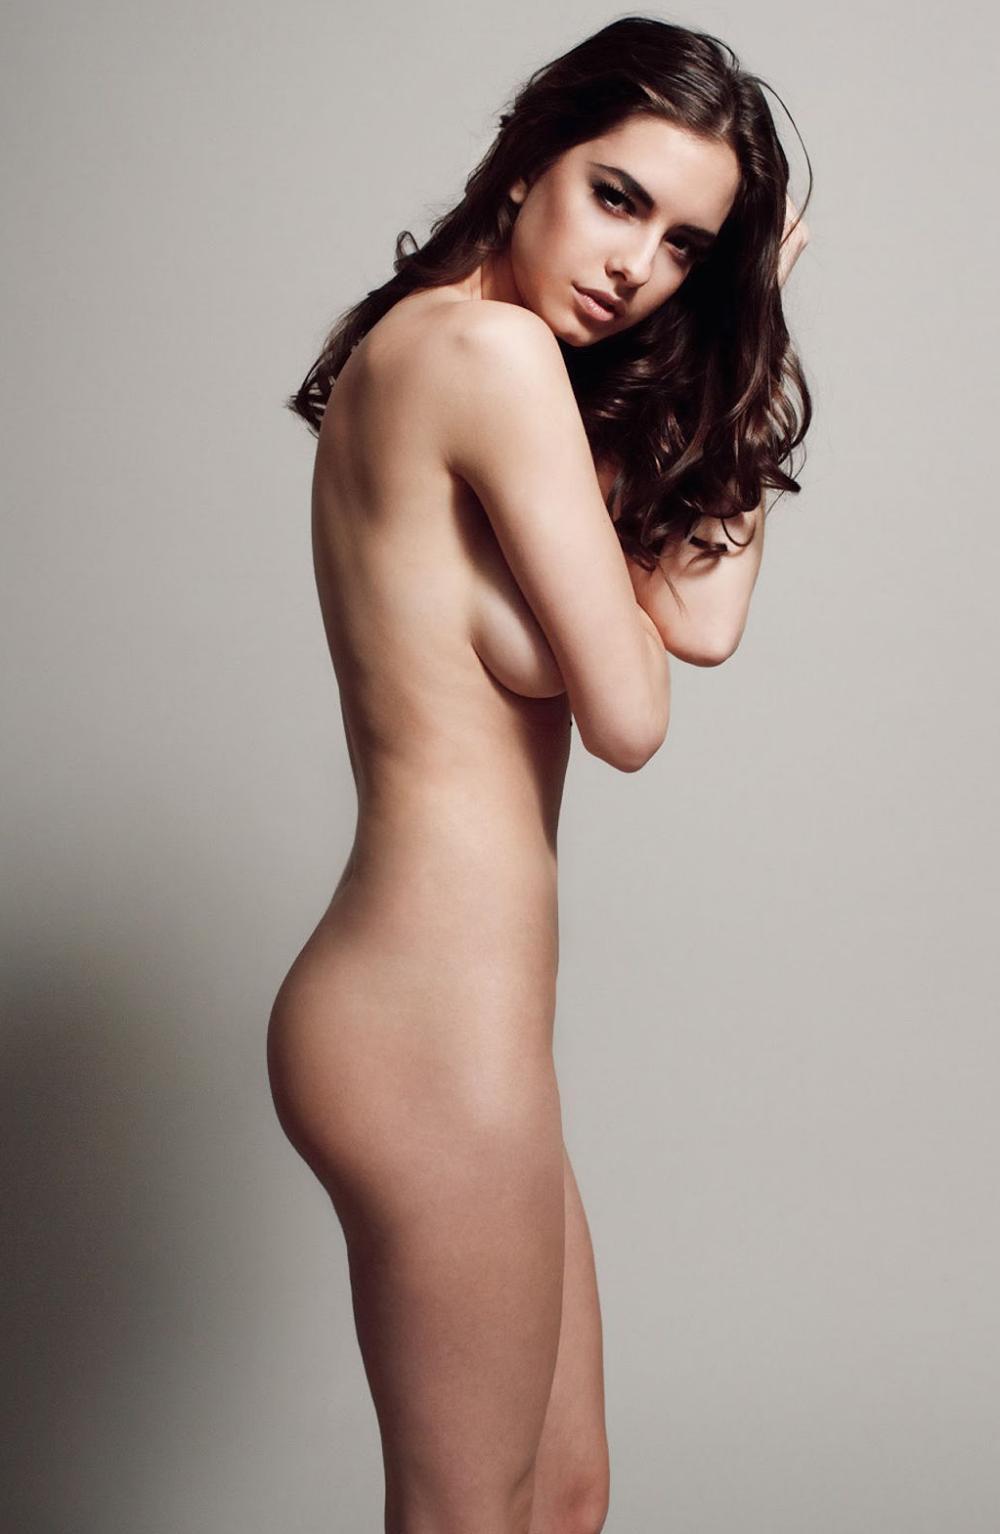 Linda hogan sexy fake images